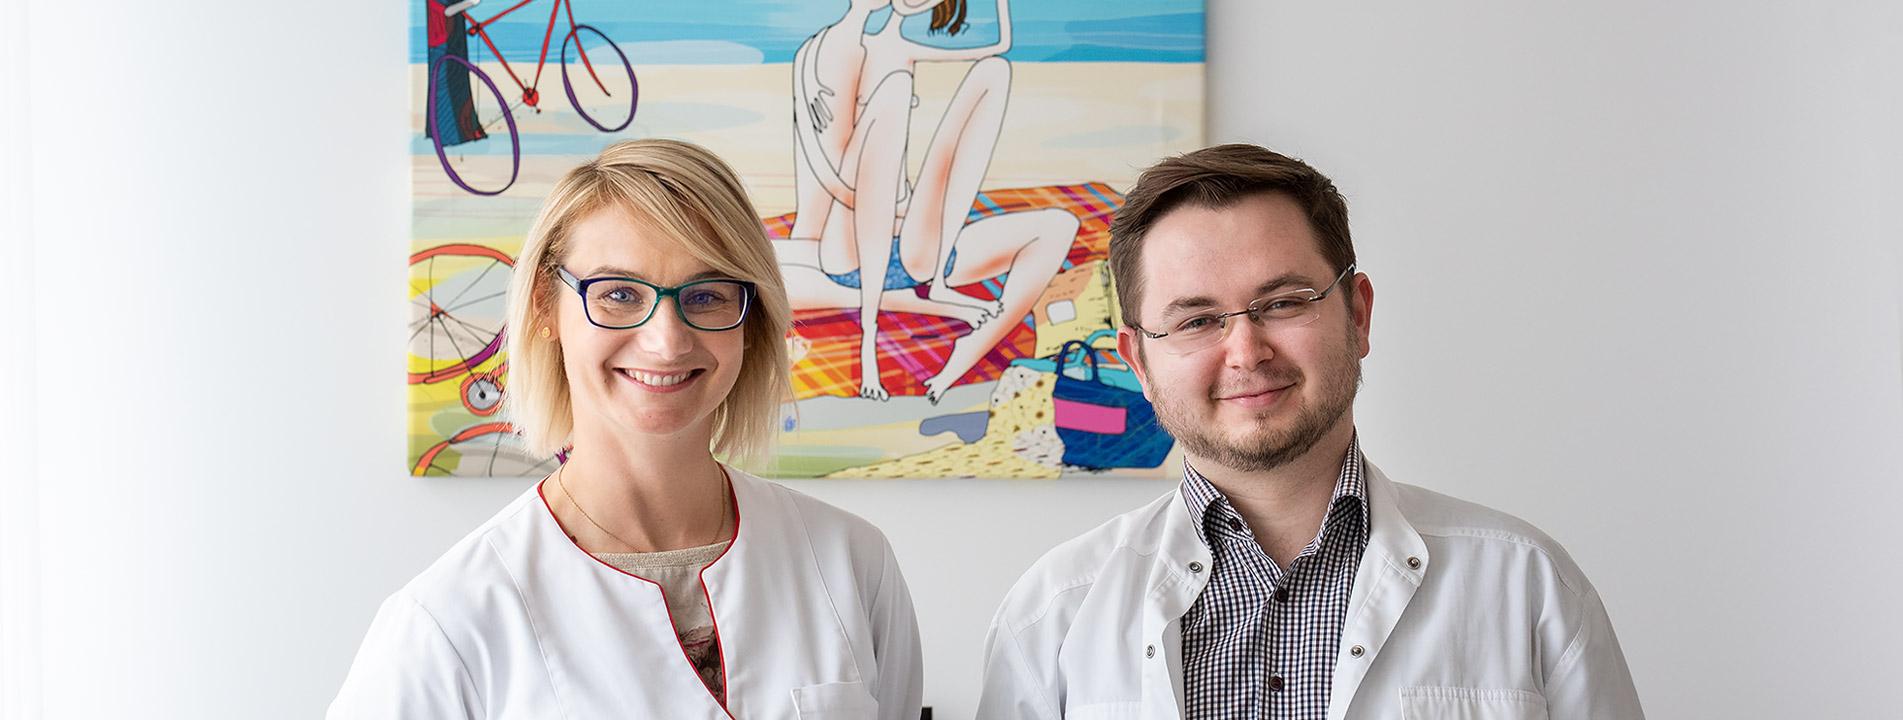 lekarze kliniki